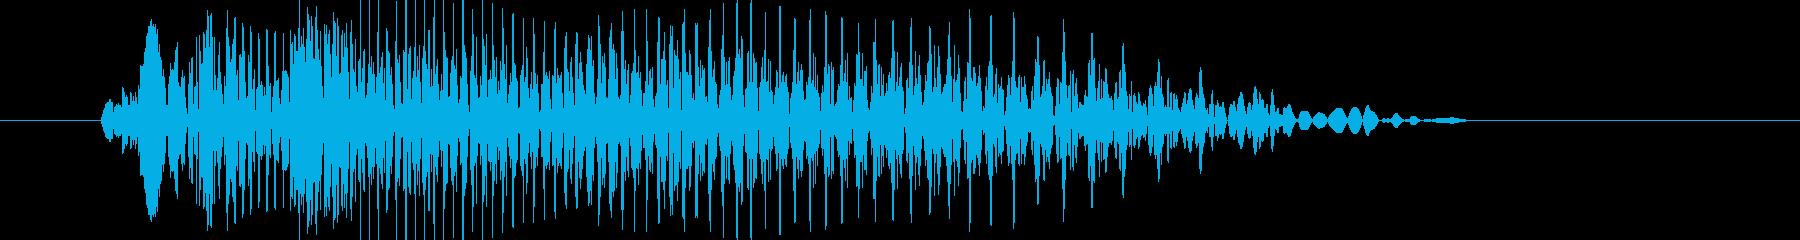 キュウン(ターンテーブル)の再生済みの波形